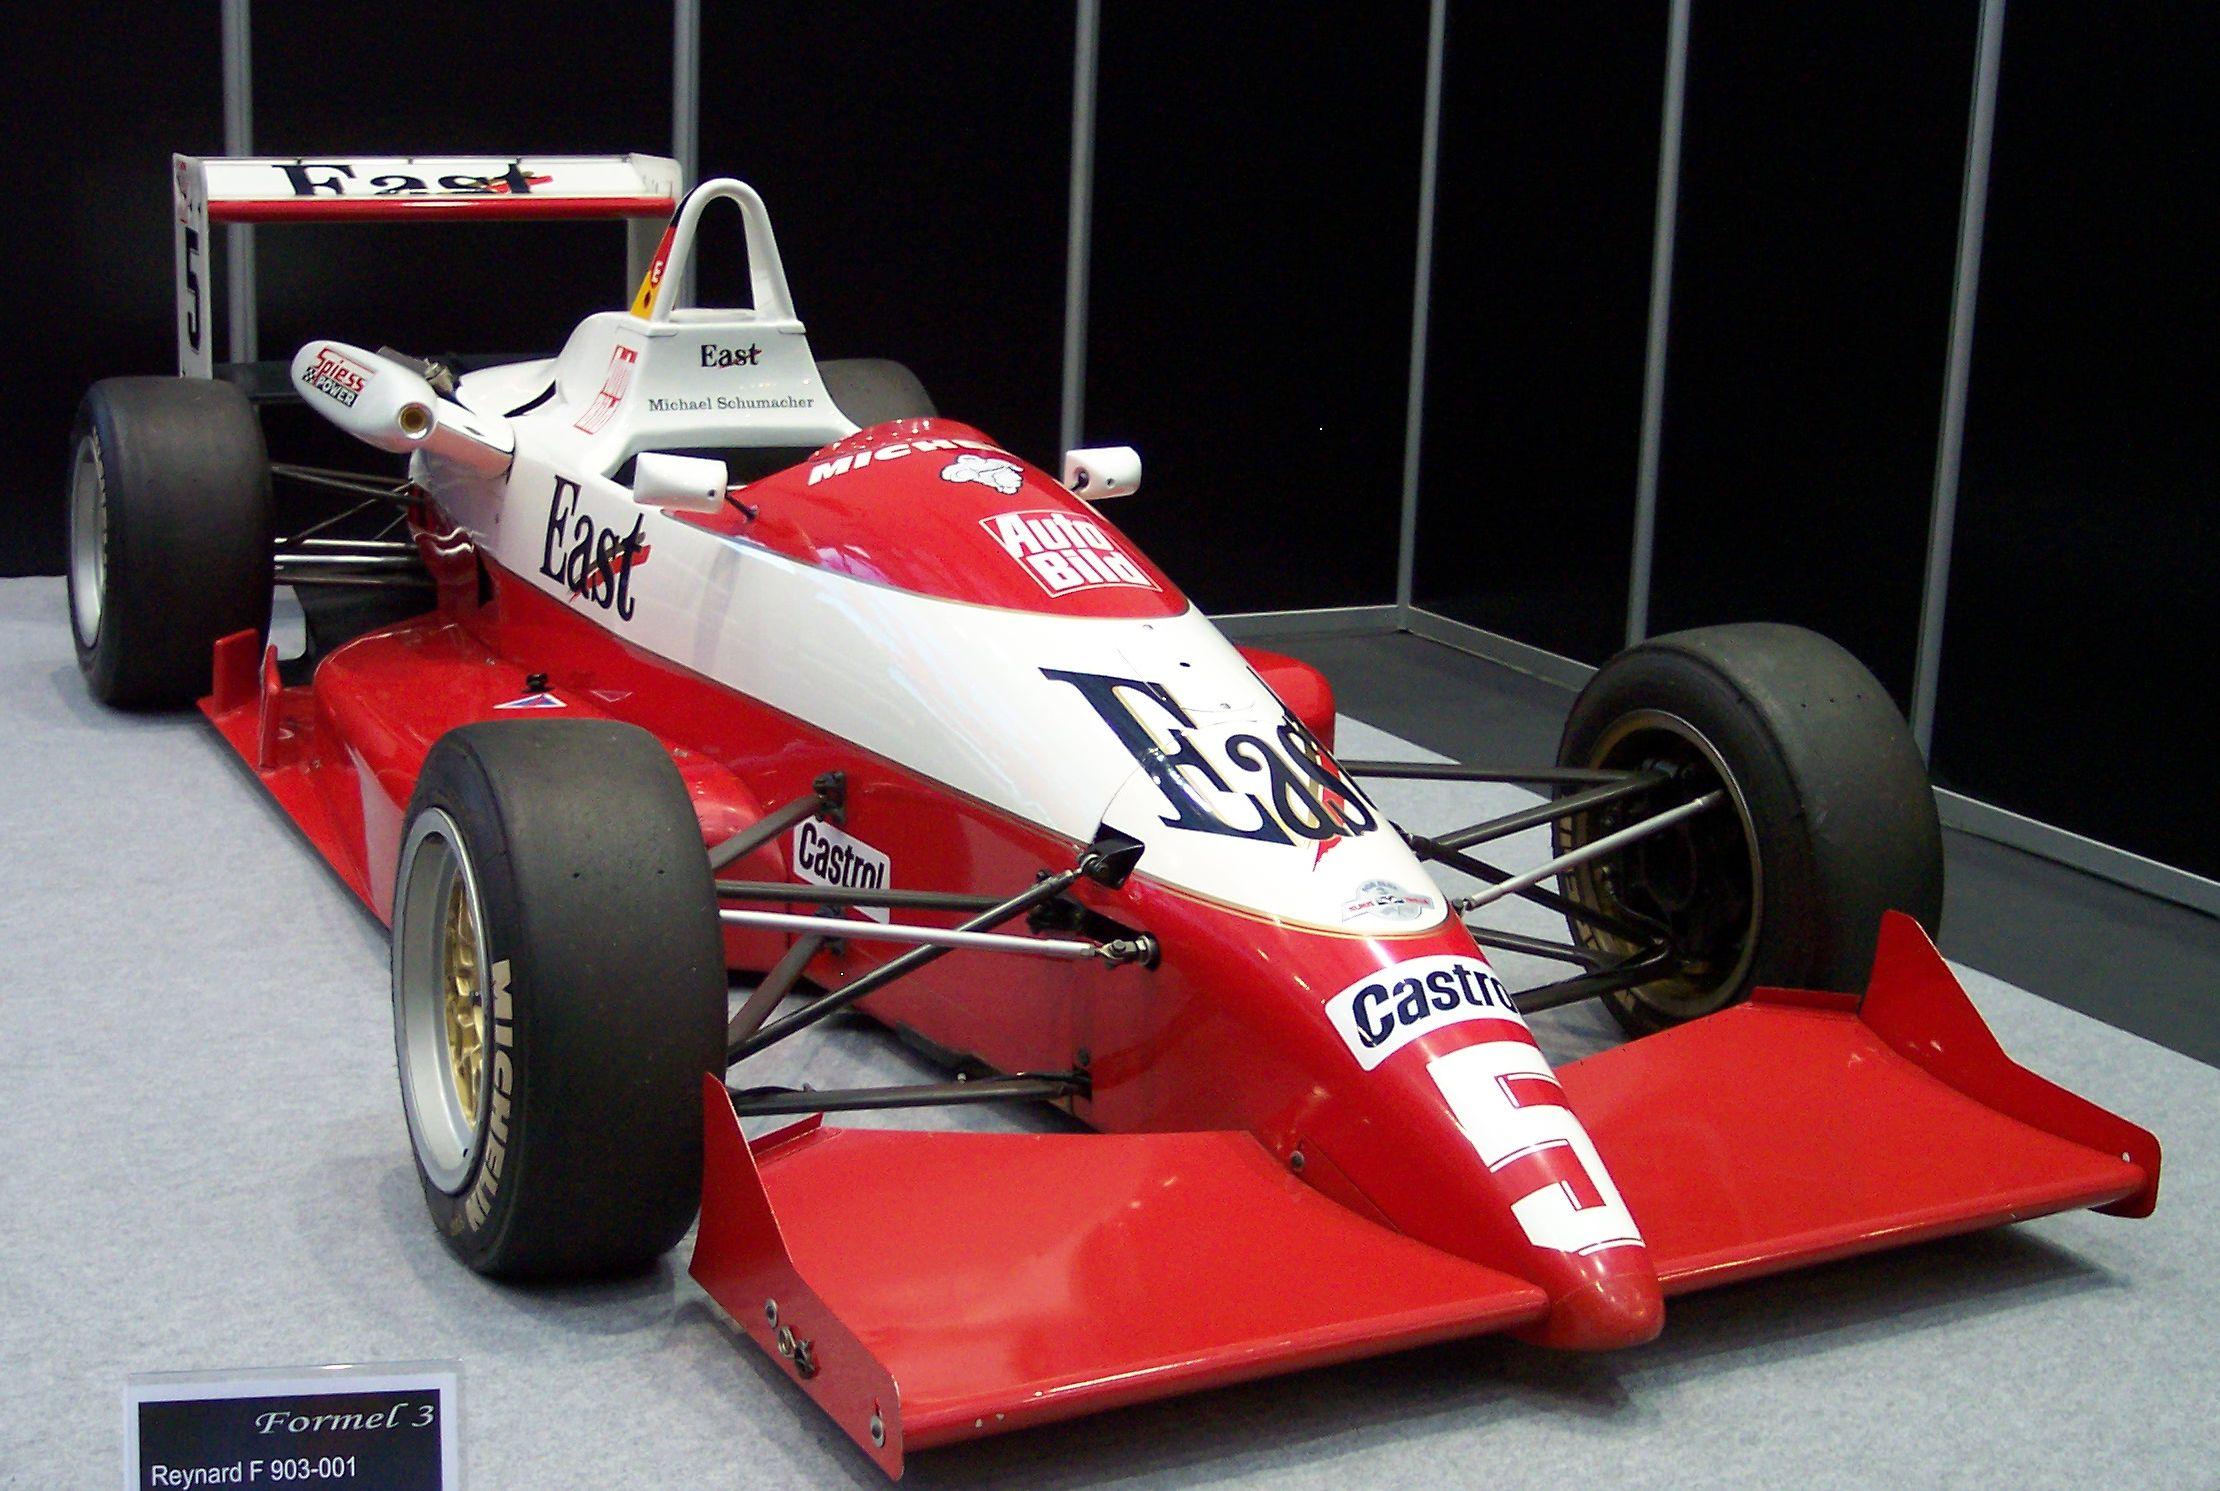 Reynard_F_903-001_1990_Michael_Schumacher_Formula_3_EMS Elegant Ferrari F 108 Al-mondial 8 Cars Trend